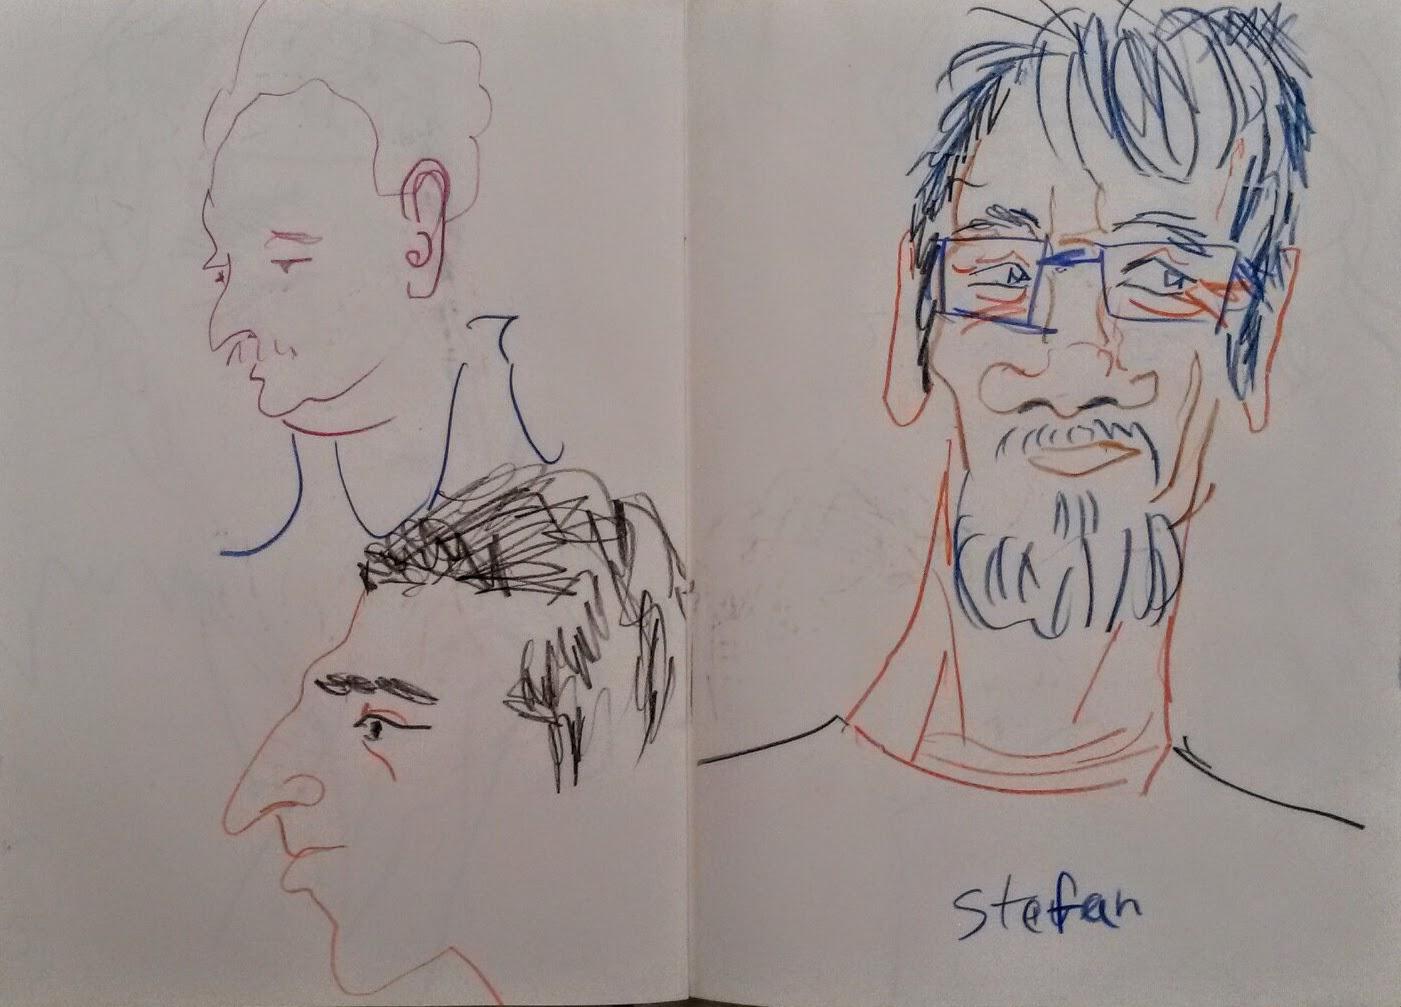 | sketch | Stefan |